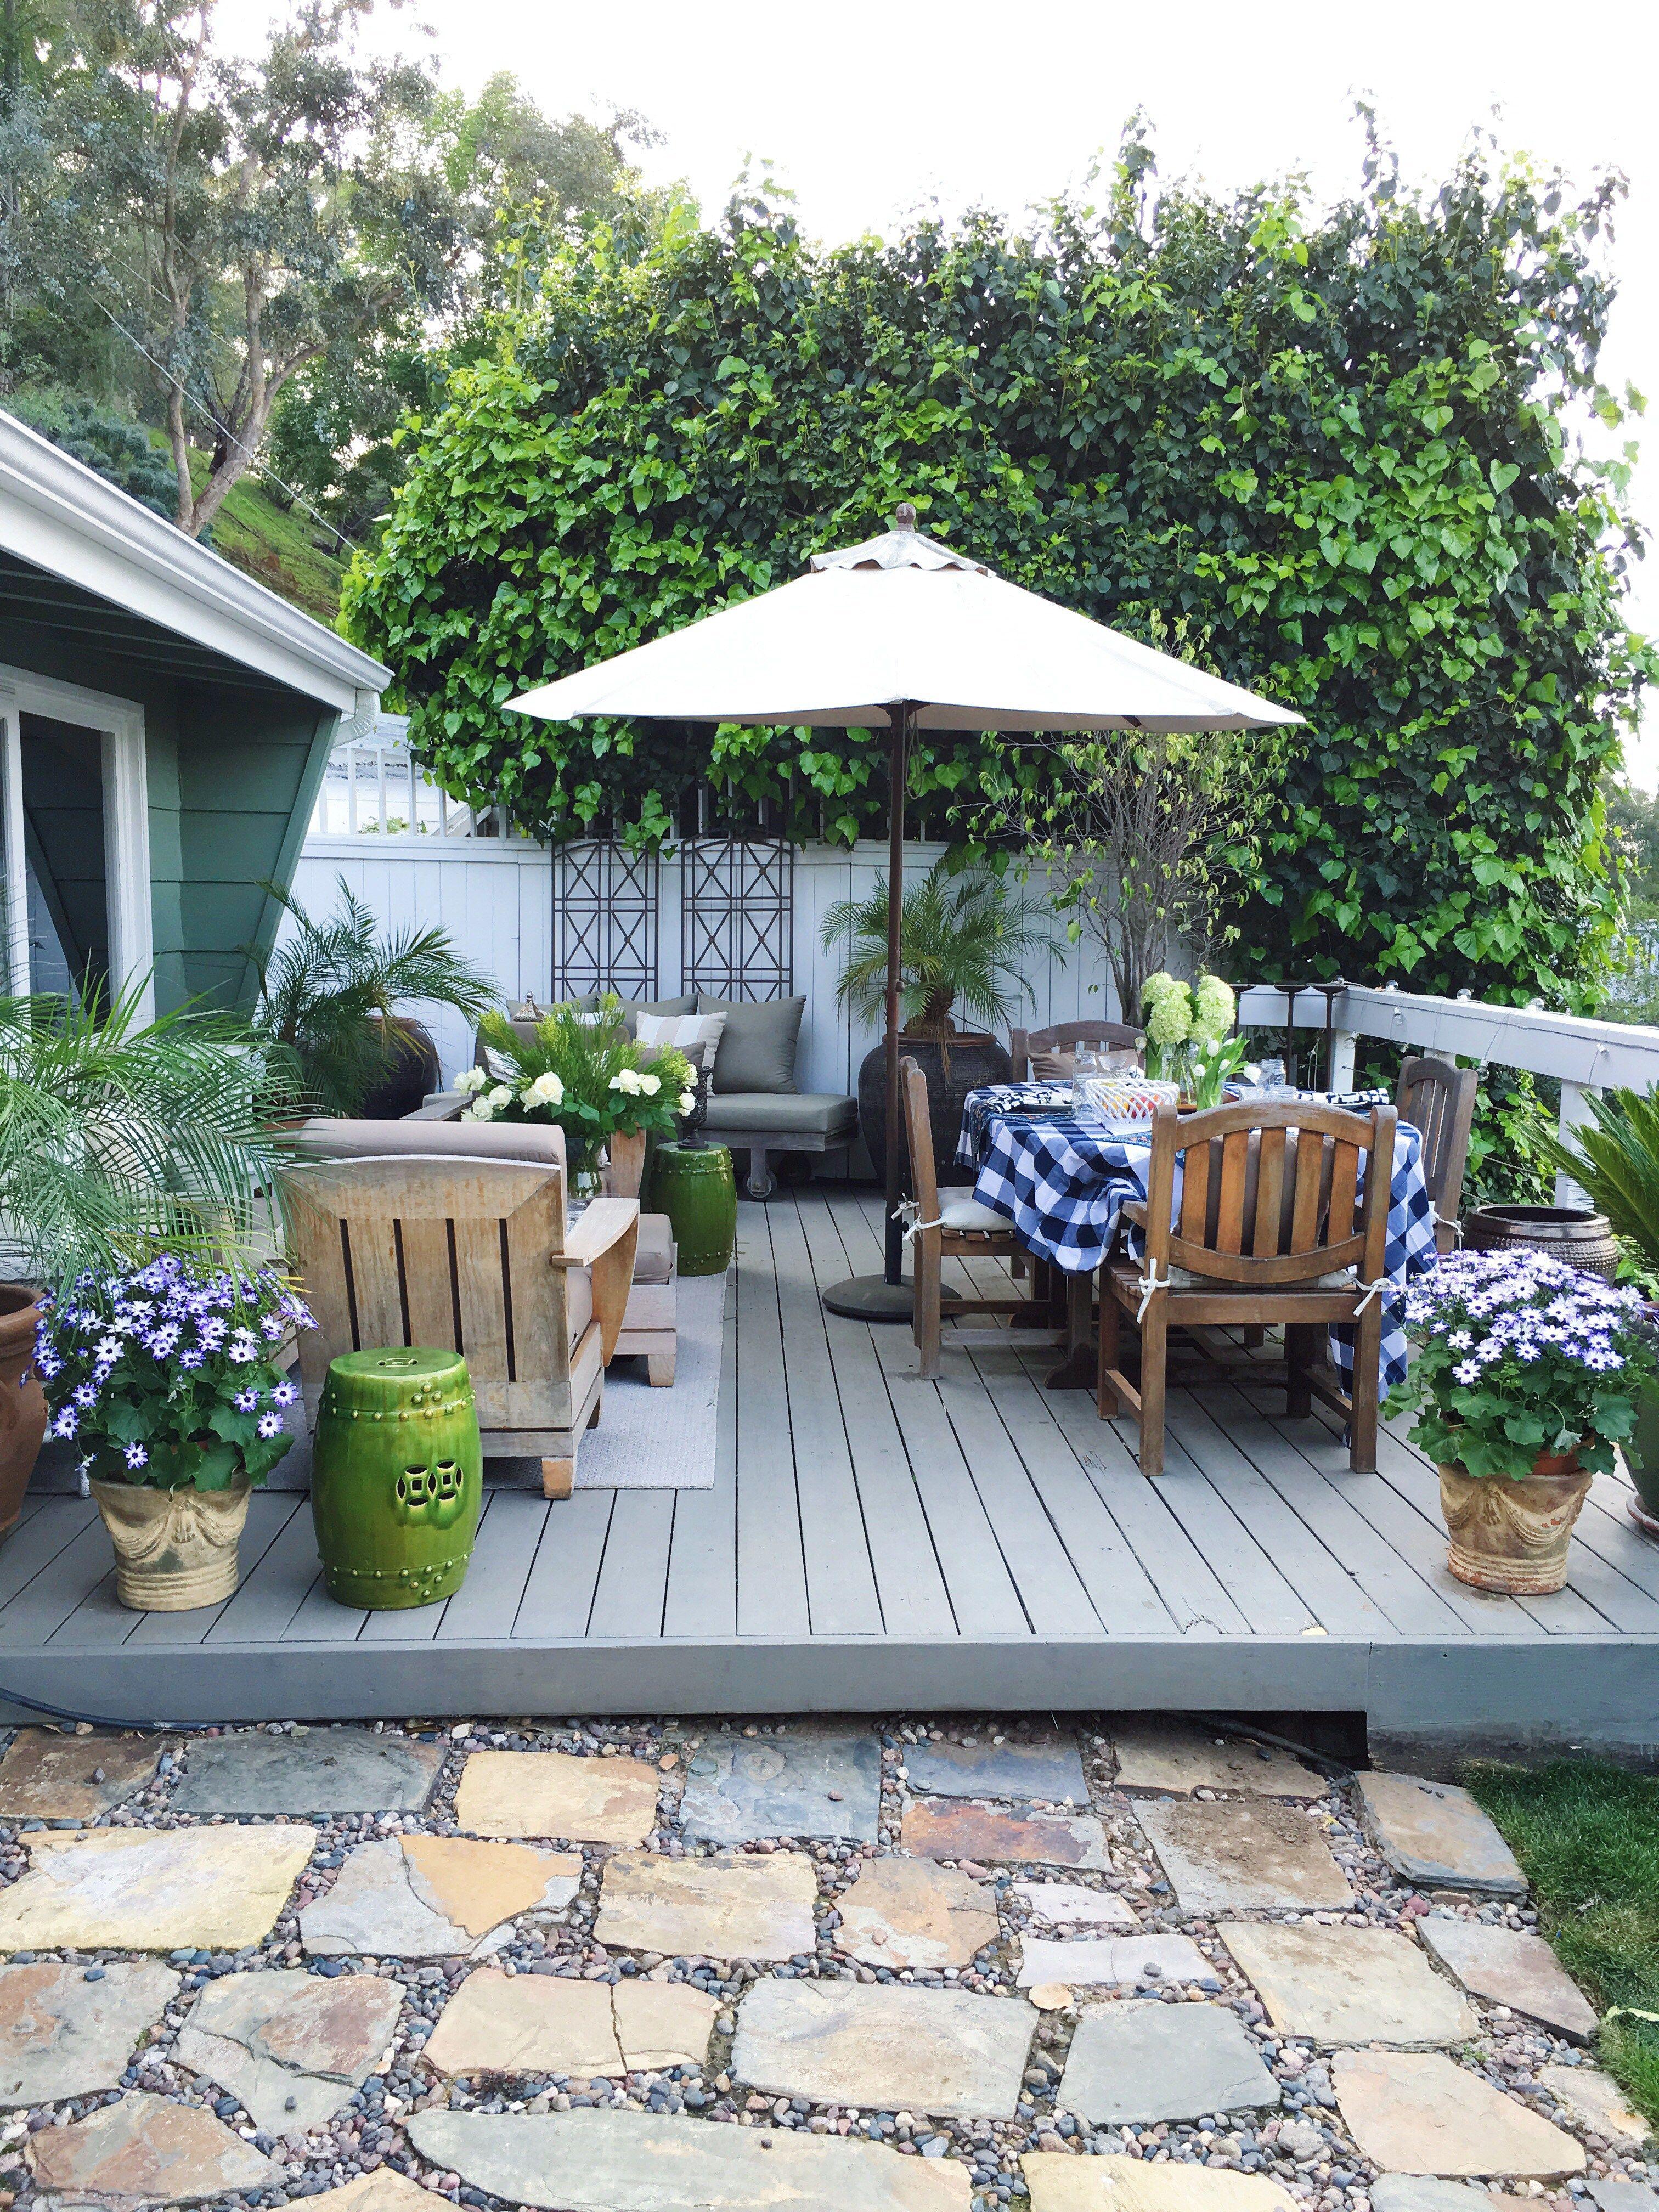 Outdoor Deck Decor My Winter Garden Spruce Up Cococozy Outdoor Patio Outdoor Patio Decor Patio